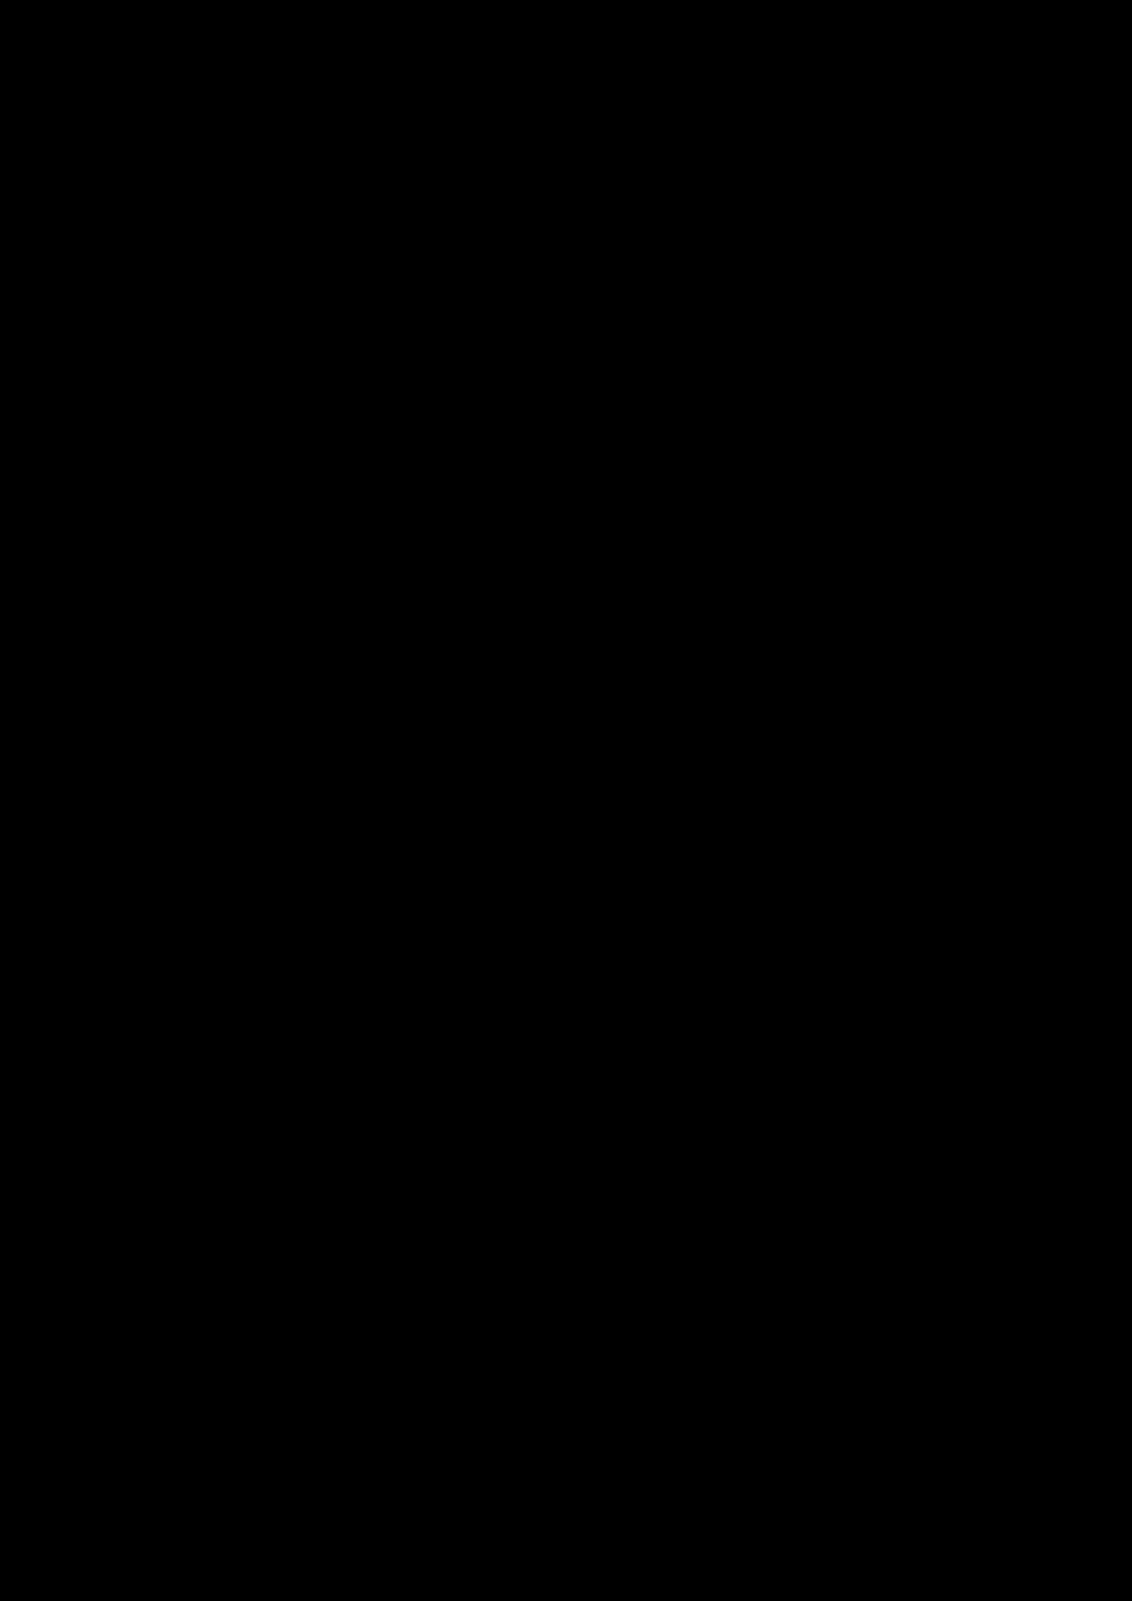 Vyibor Est slide, Image 44